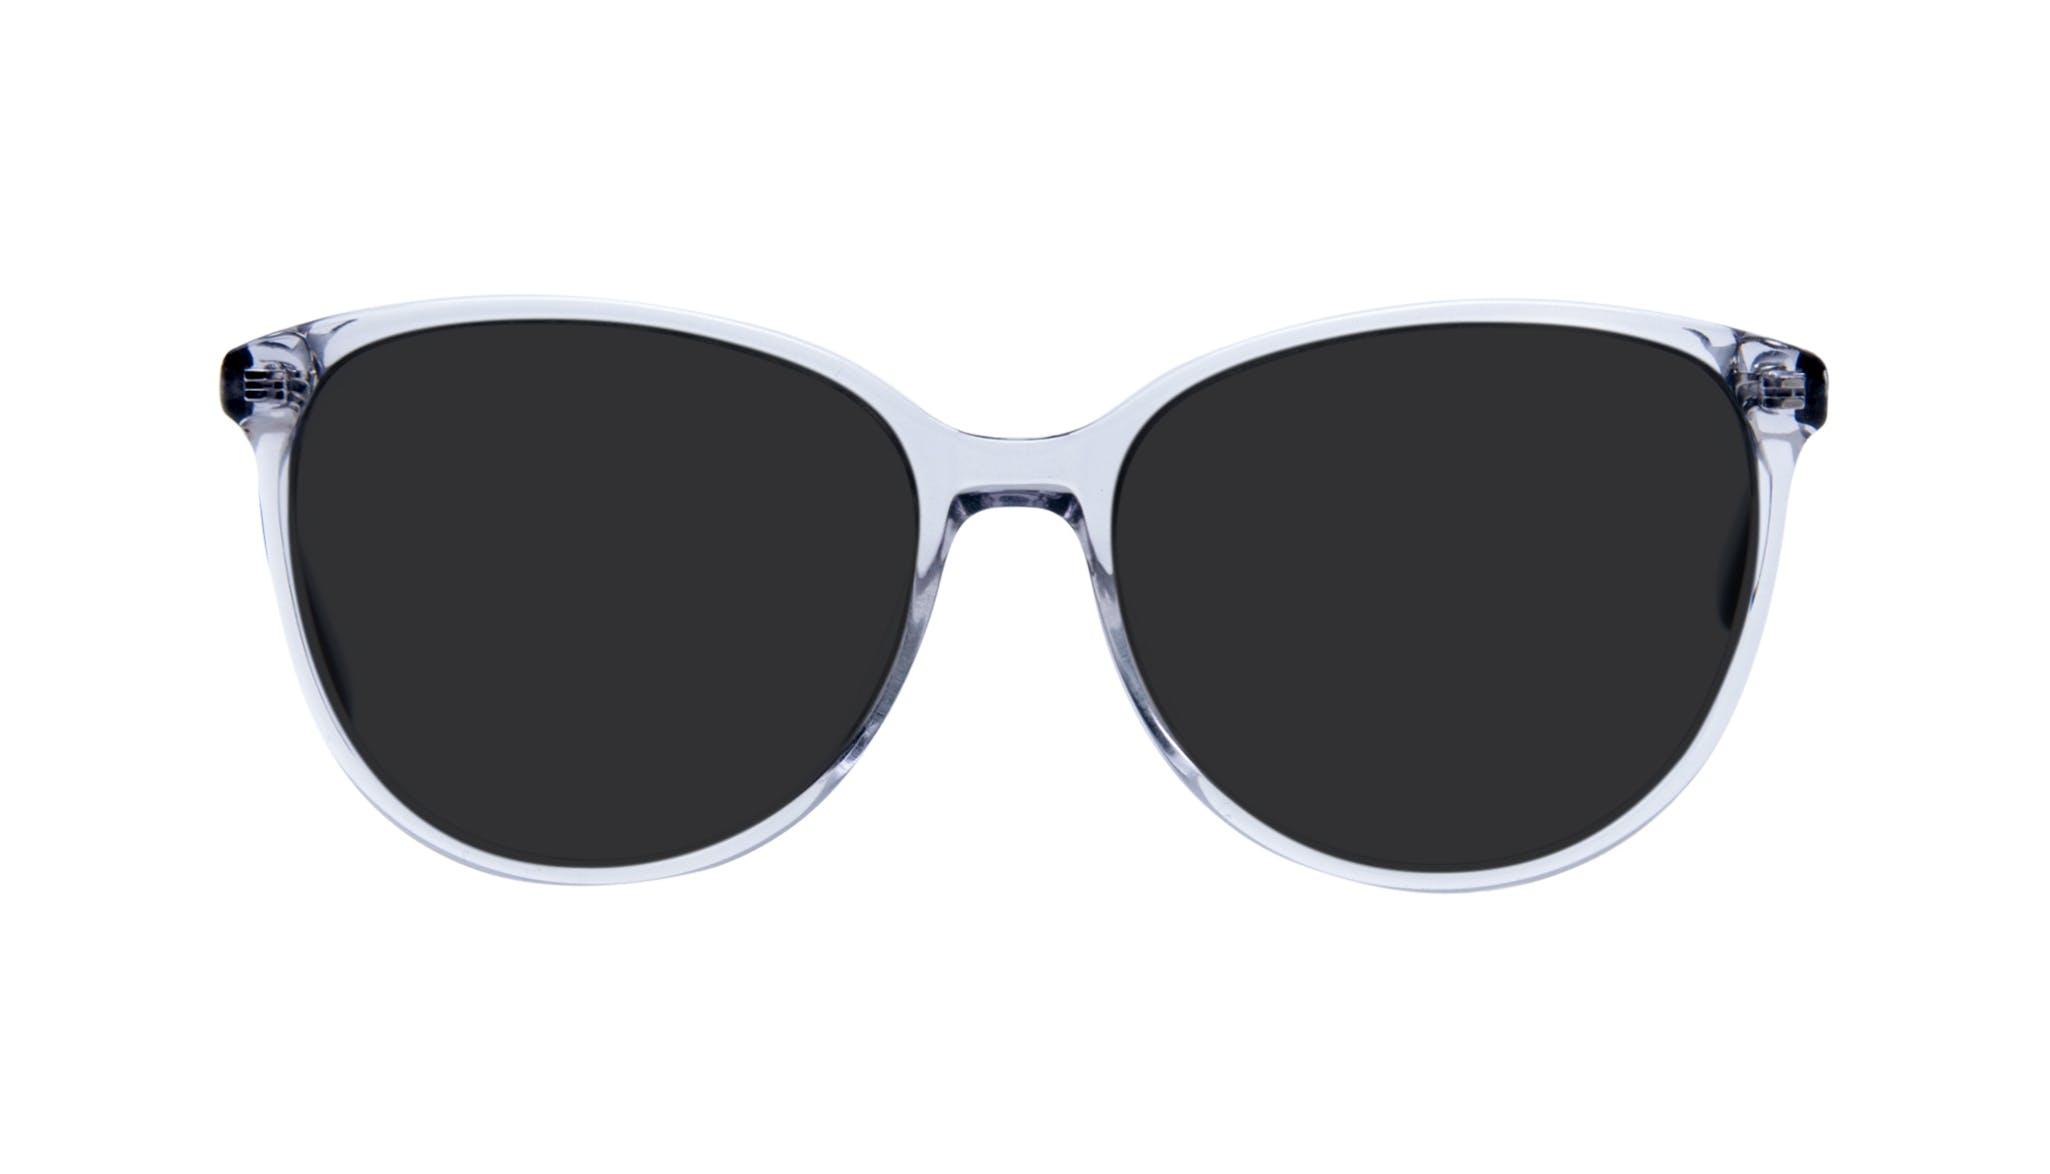 Lunettes tendance Oeil de chat Ronde Lunettes de soleil Femmes Imagine Grey Metal Face